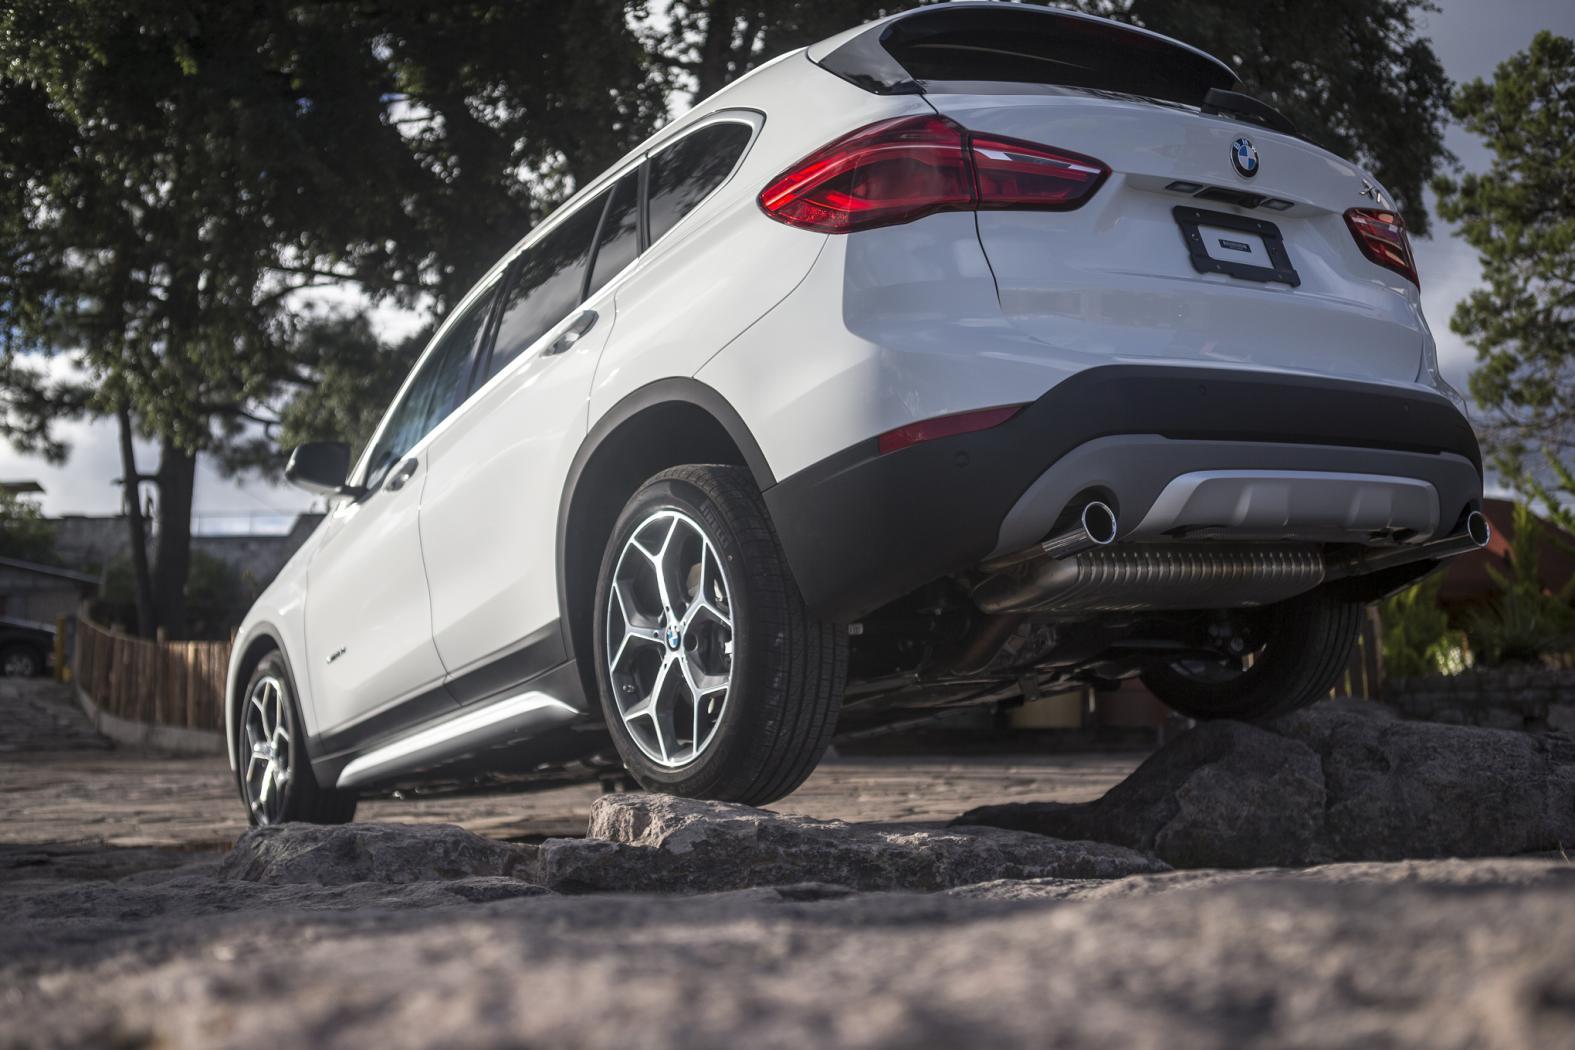 BMW-X1-F48-10.jpeg